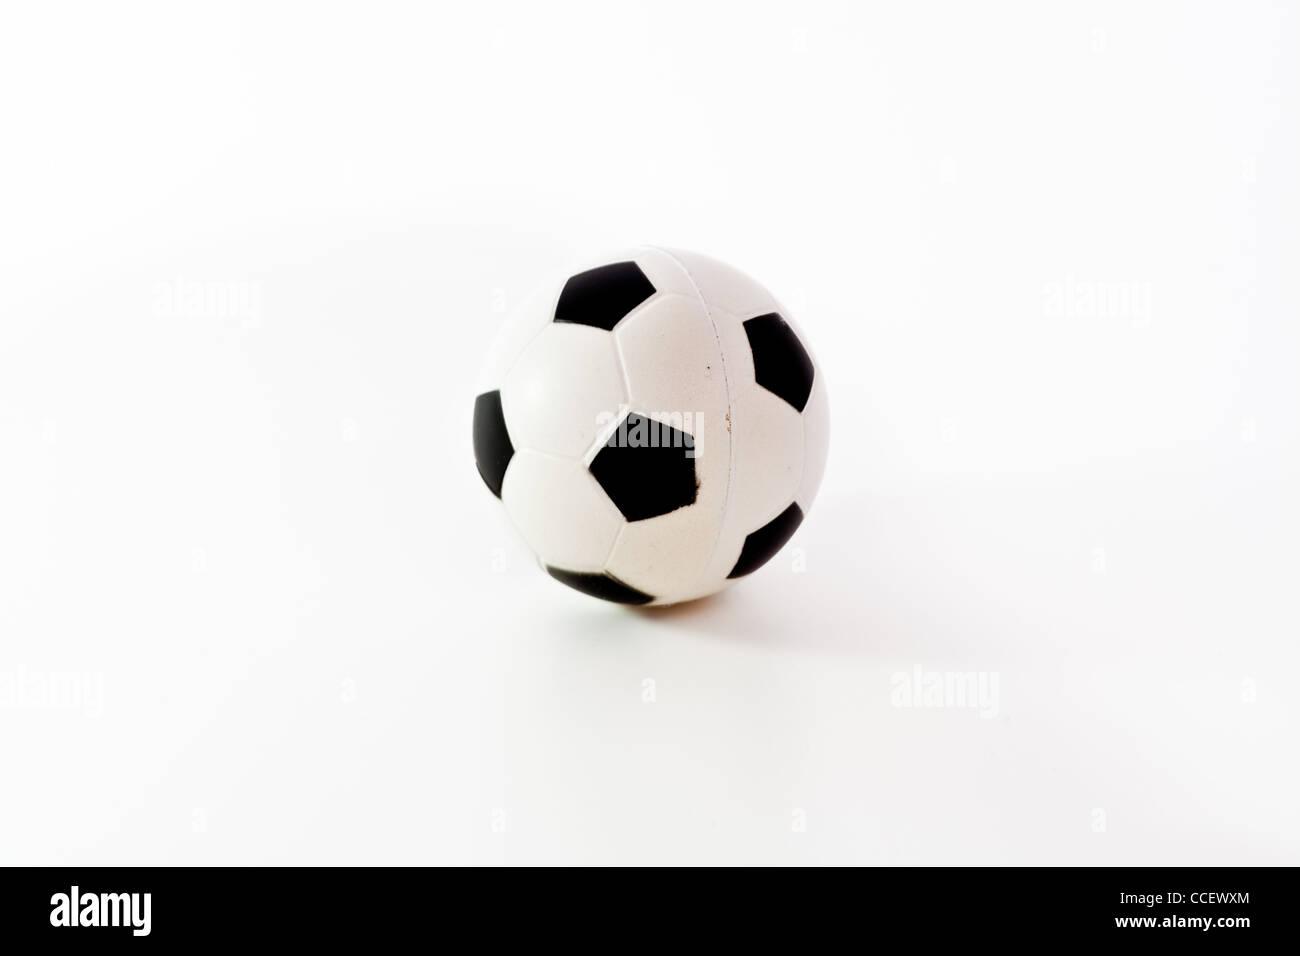 Il calcio pallone da calcio Immagini Stock